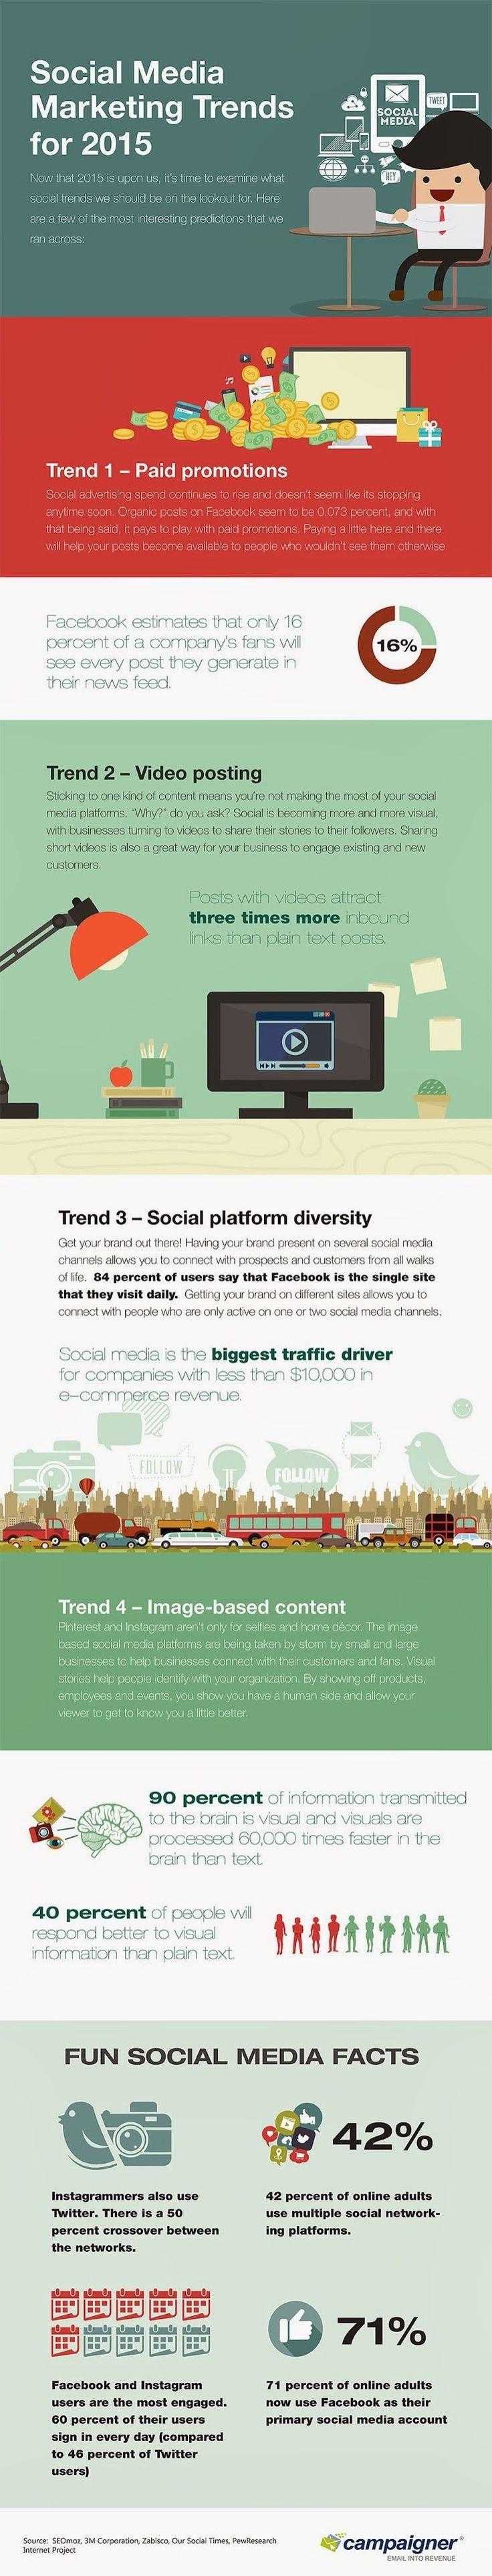 SocialMedia Marketing Trends for 2015. #Infographic #SocialMedia